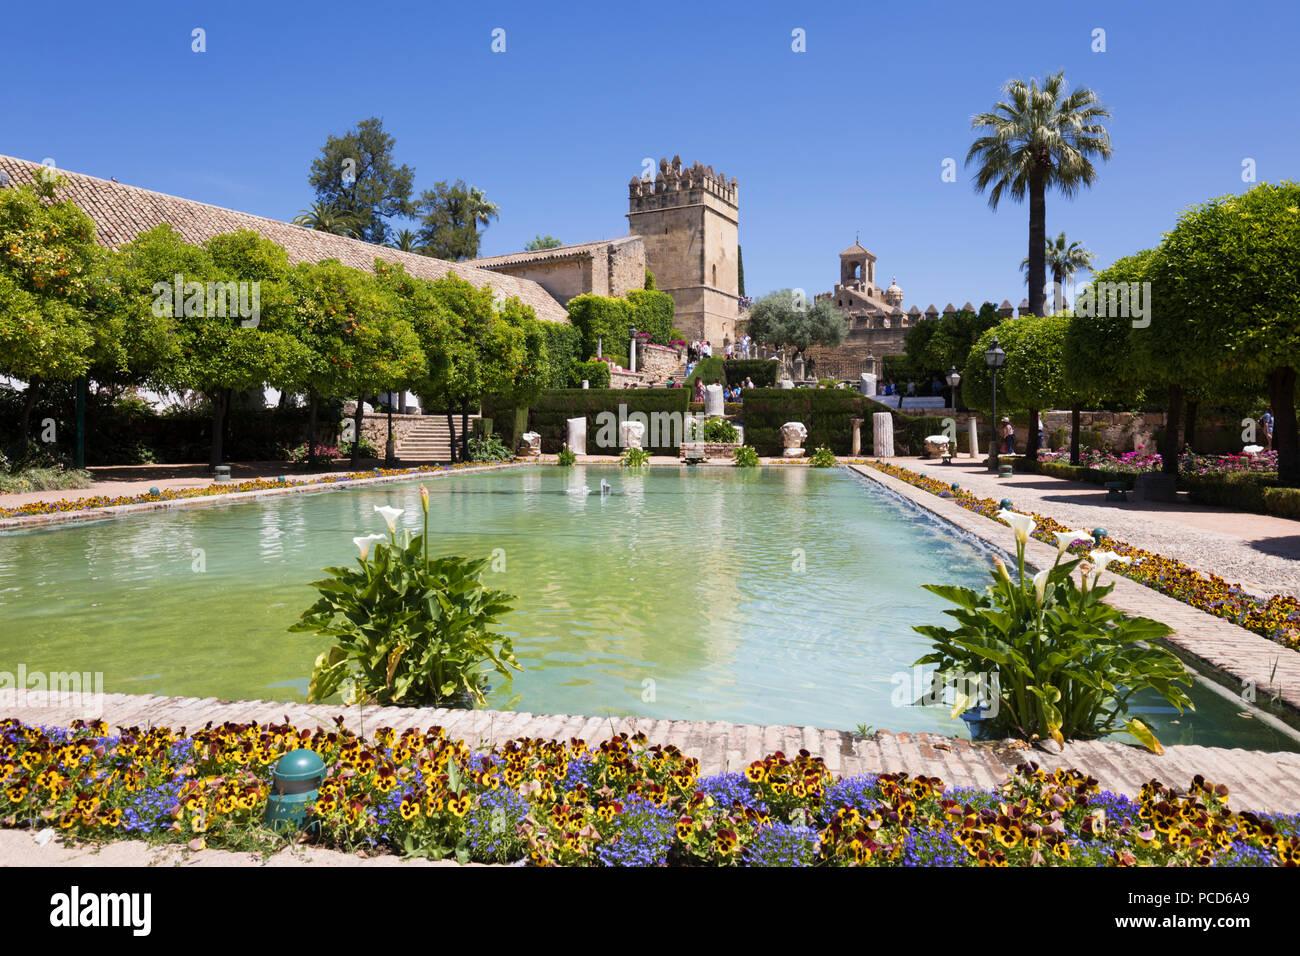 Jardines del Alcázar de los Reyes Cristianos, Sitio del Patrimonio Mundial de la UNESCO, Córdoba, Andalucía, España, Europa Imagen De Stock